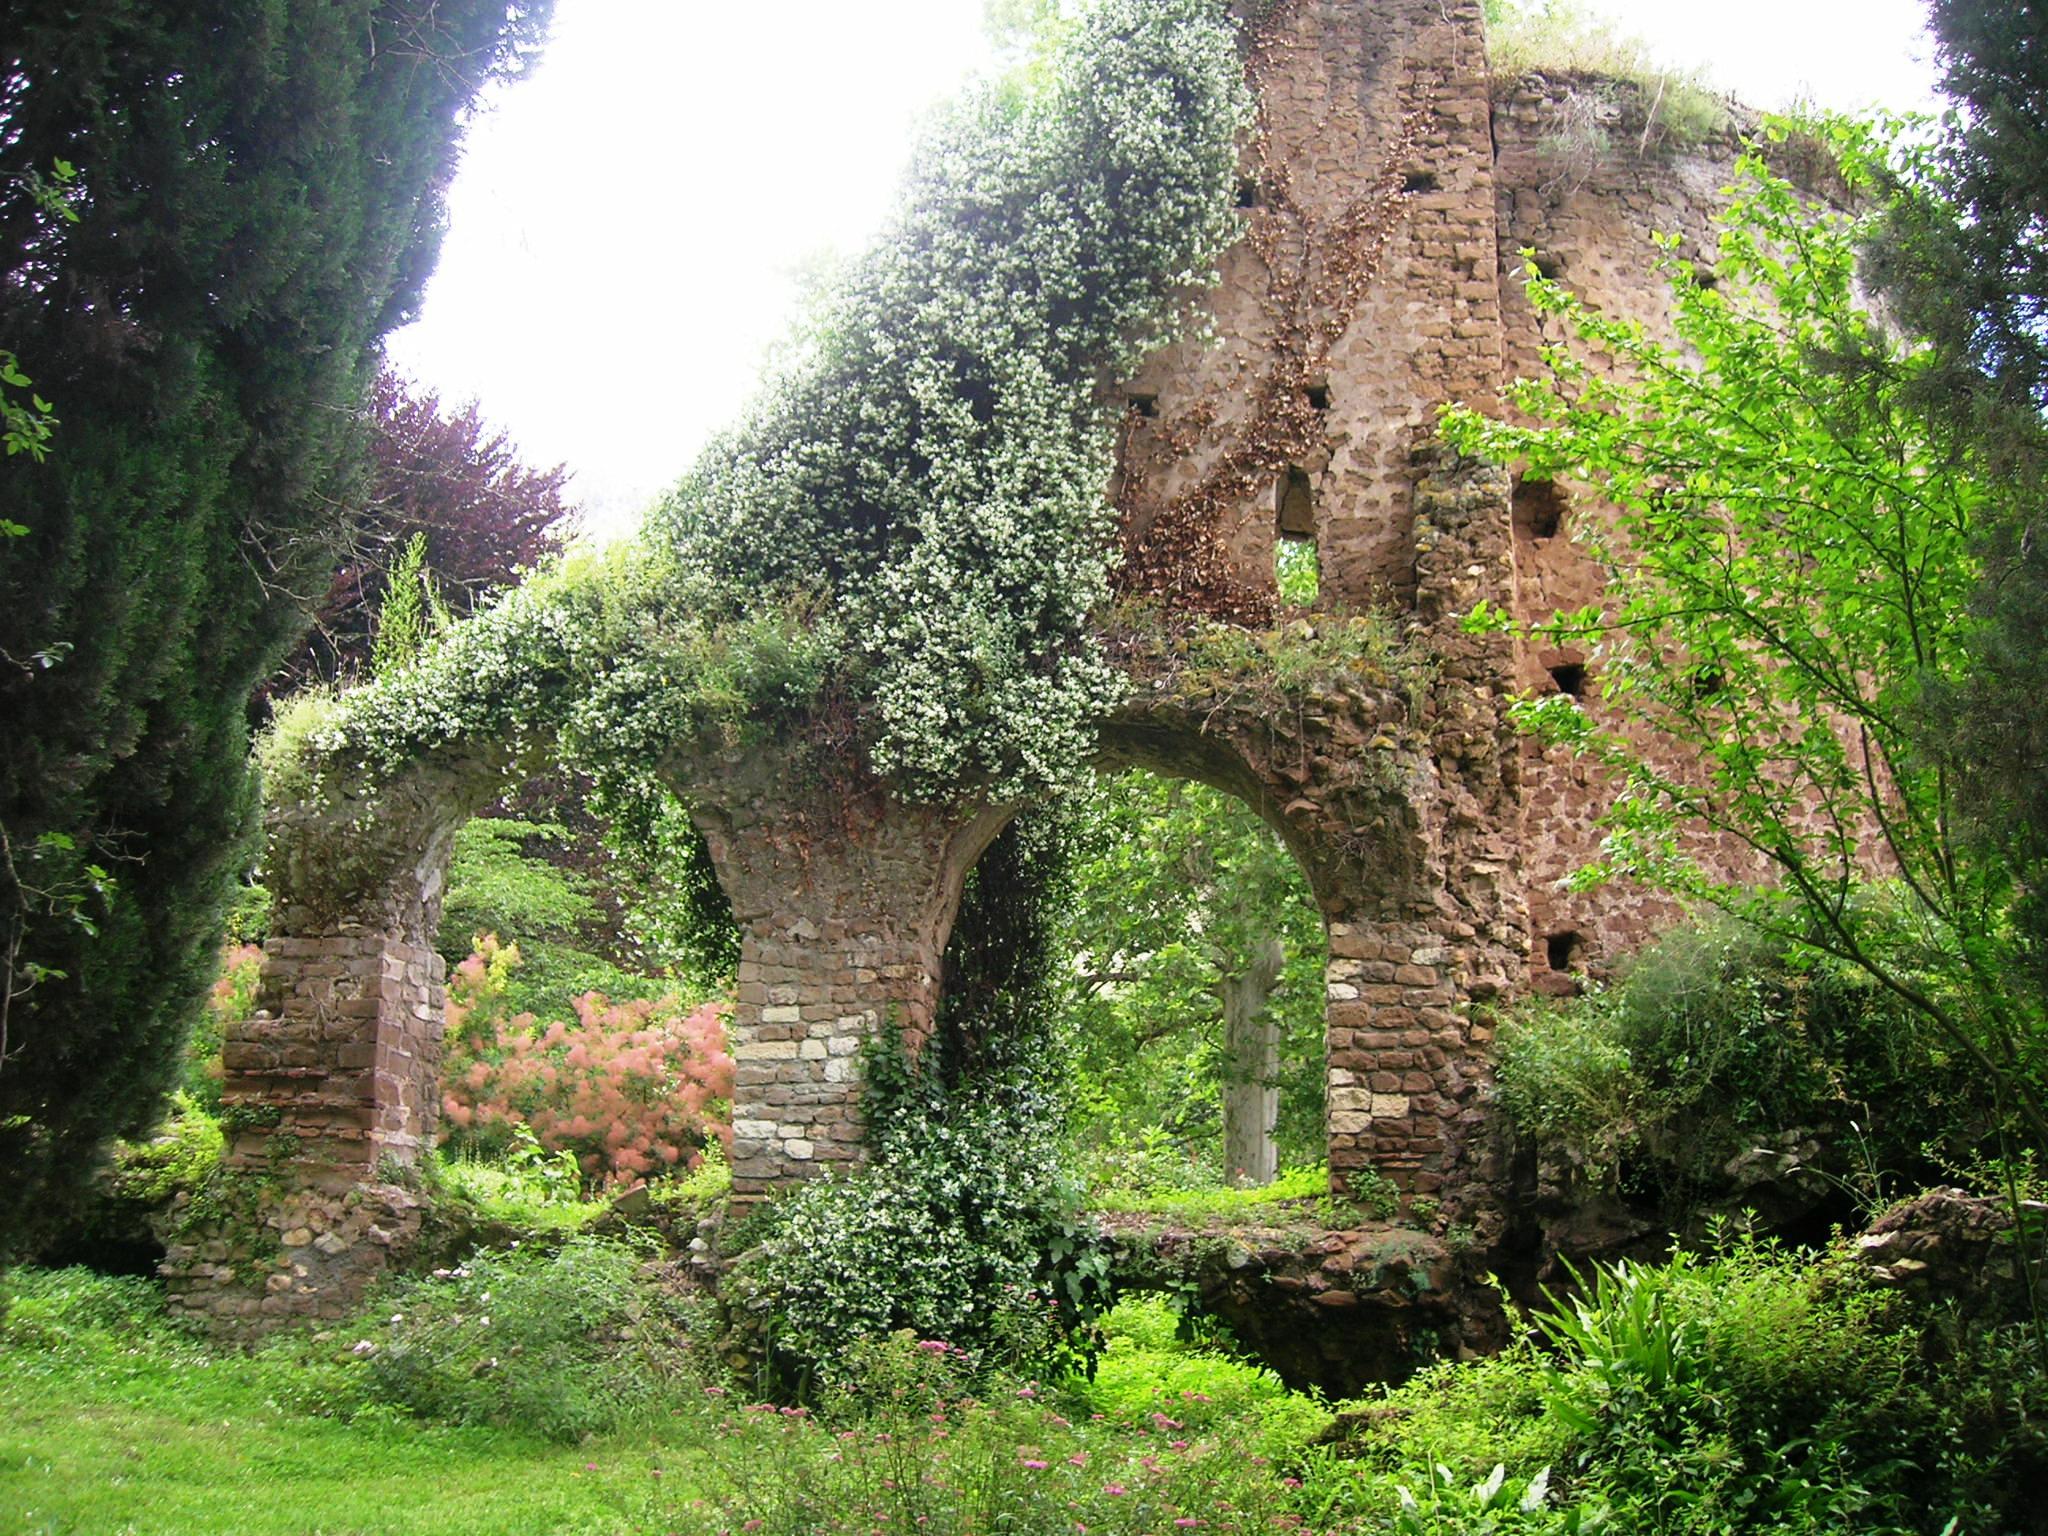 File giardino di ninfa - I giardini di ninfa ...